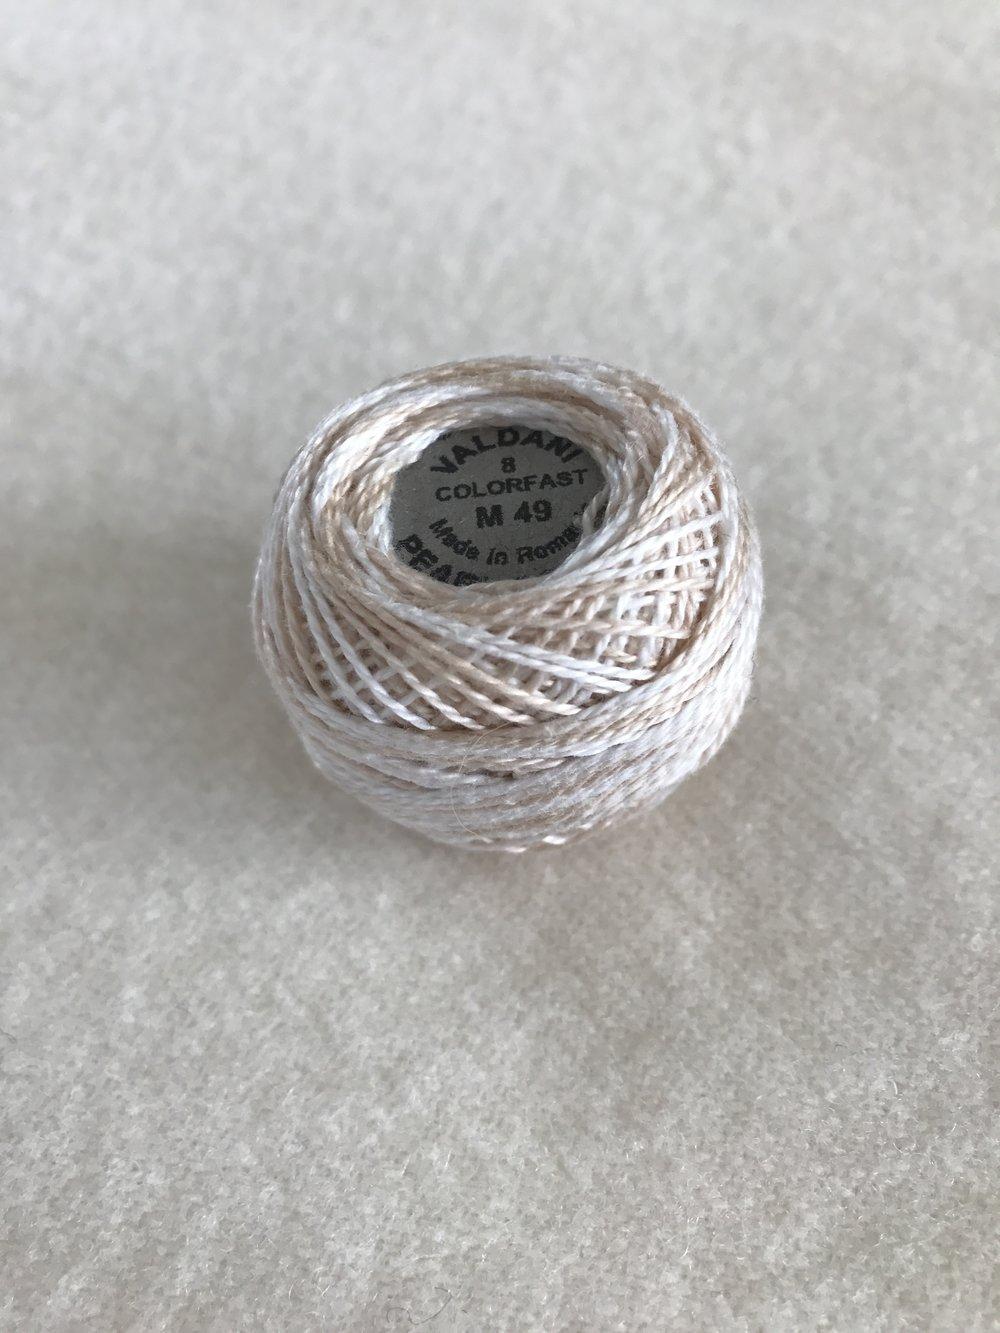 Midway Wool Company - Valdani Thread - M49 Valdani Subtle Elegance